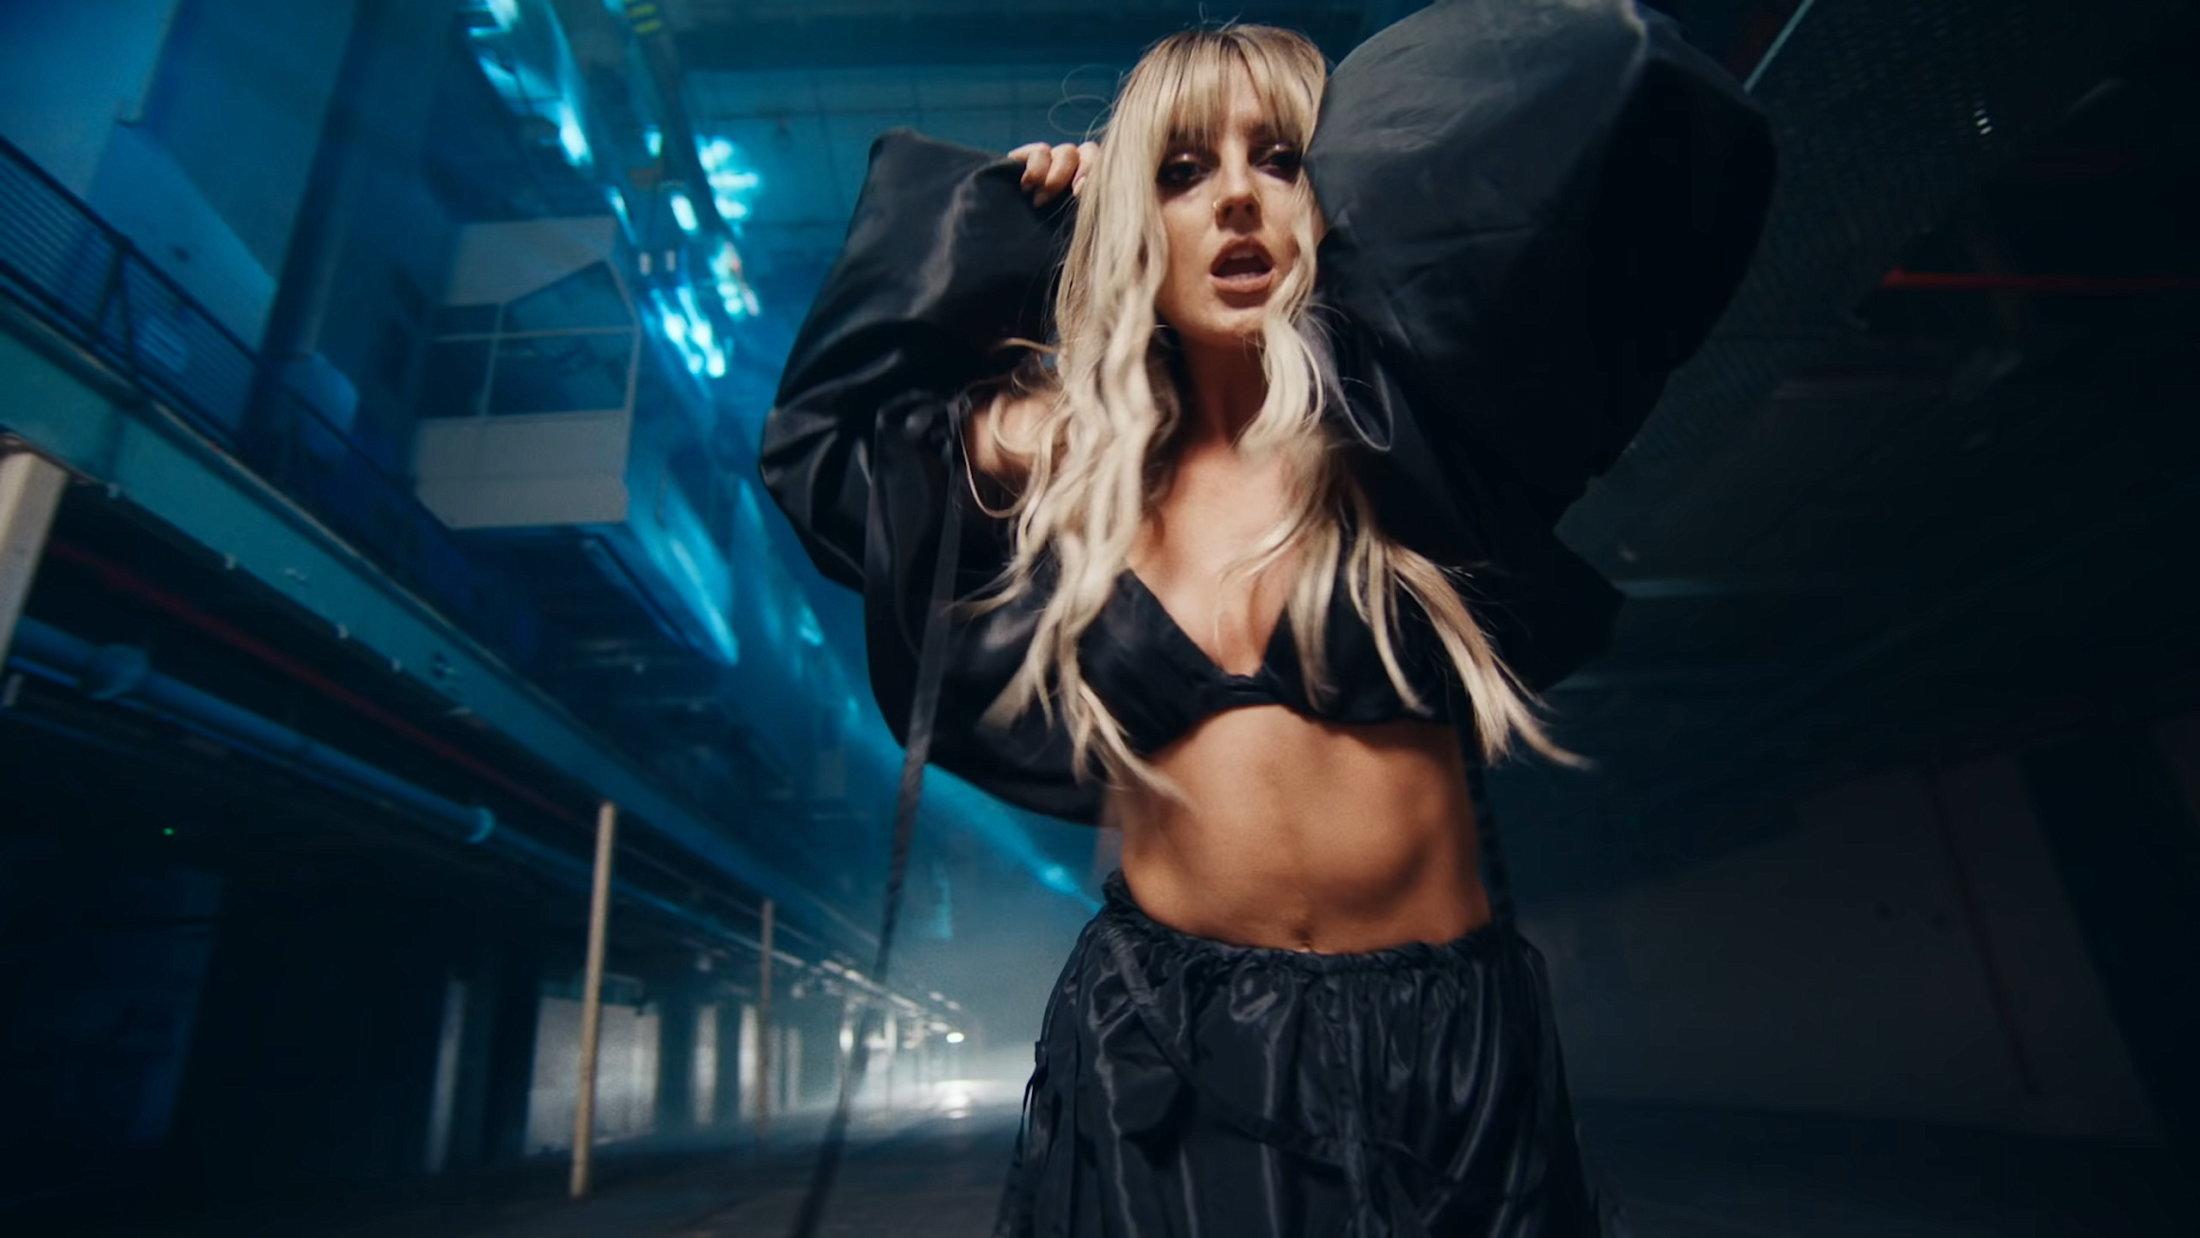 Little Mix - Sweet Melody (Official Video) 1-14 Screenshot